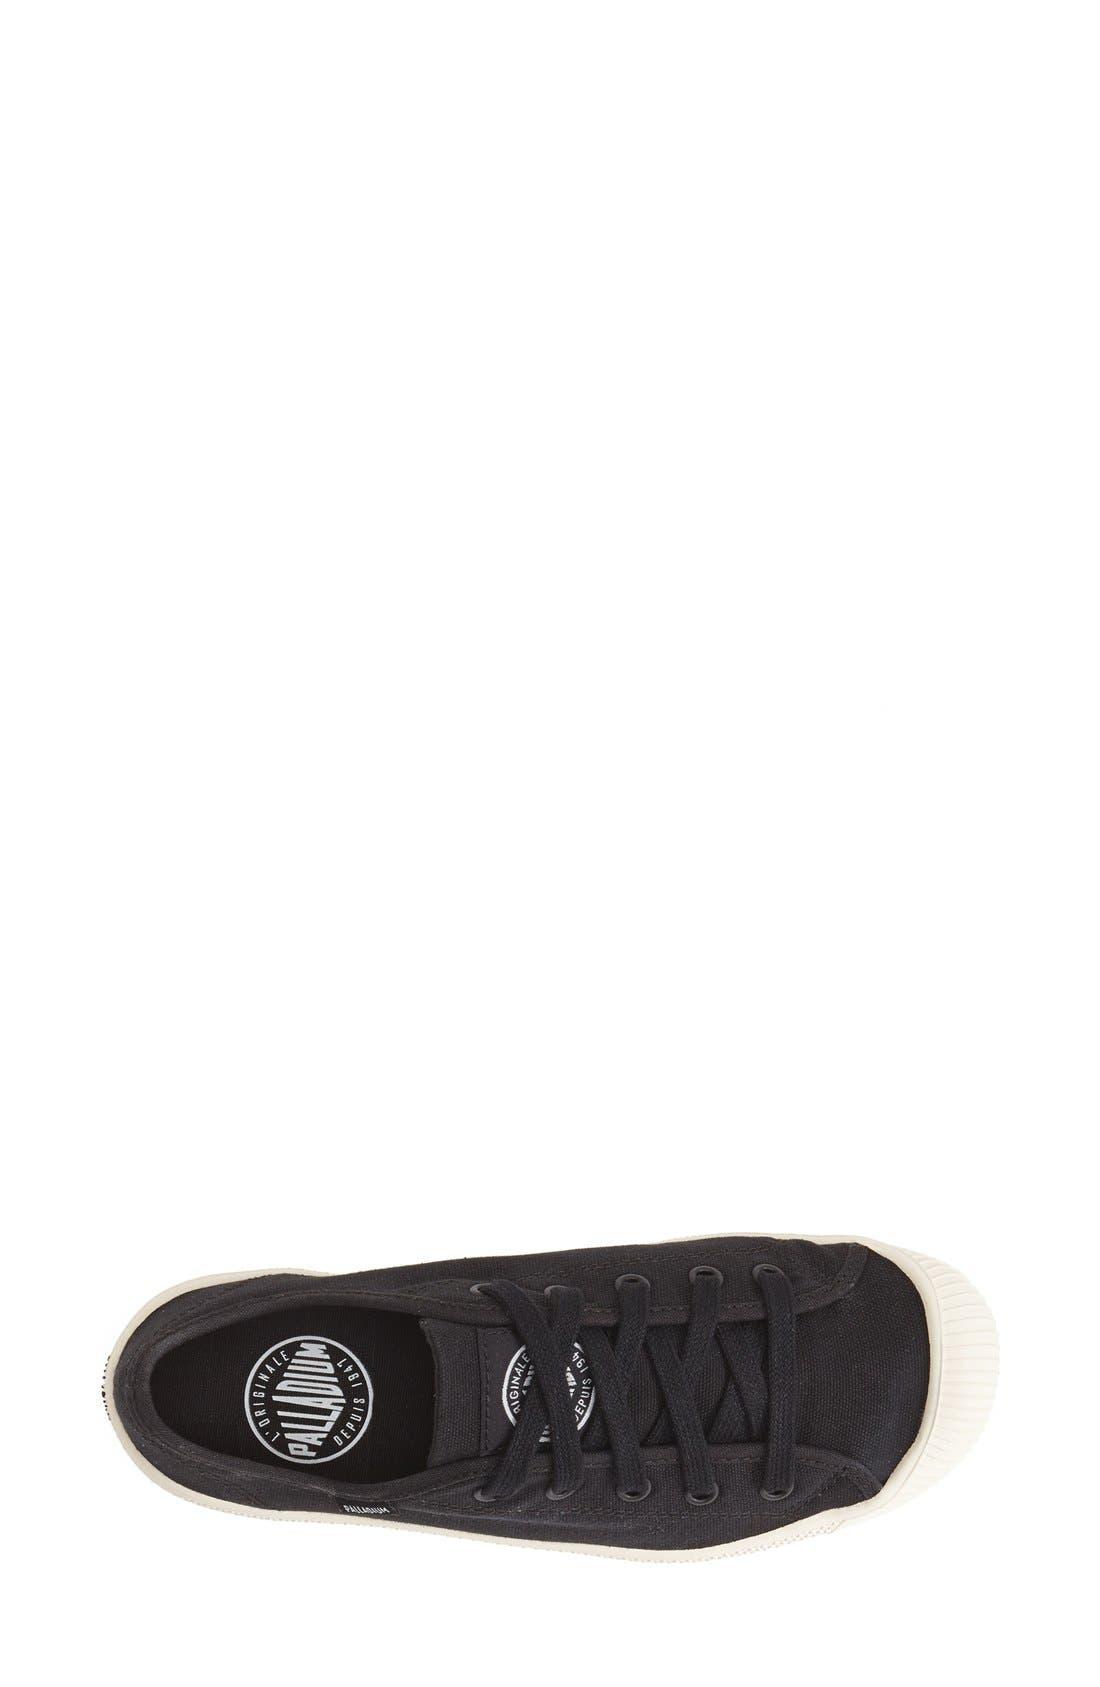 PALLADIUM,                             'Flex Lace' Sneaker,                             Alternate thumbnail 2, color,                             005